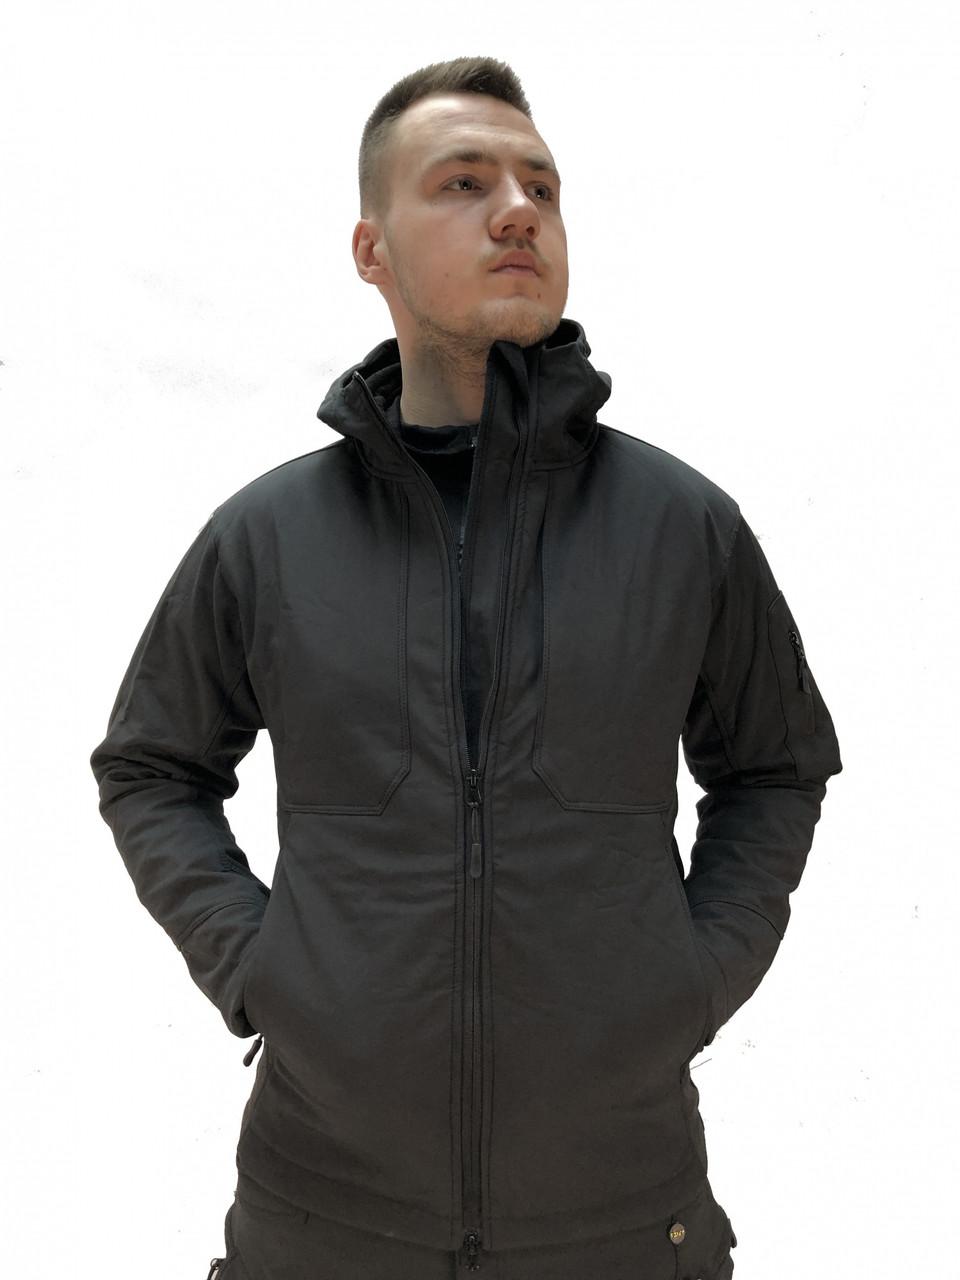 Ліквідація! Знижка. Останні розміри. Тактична куртка Softshell Urban 03. ESDY. 2 внутр кармани. Чорна